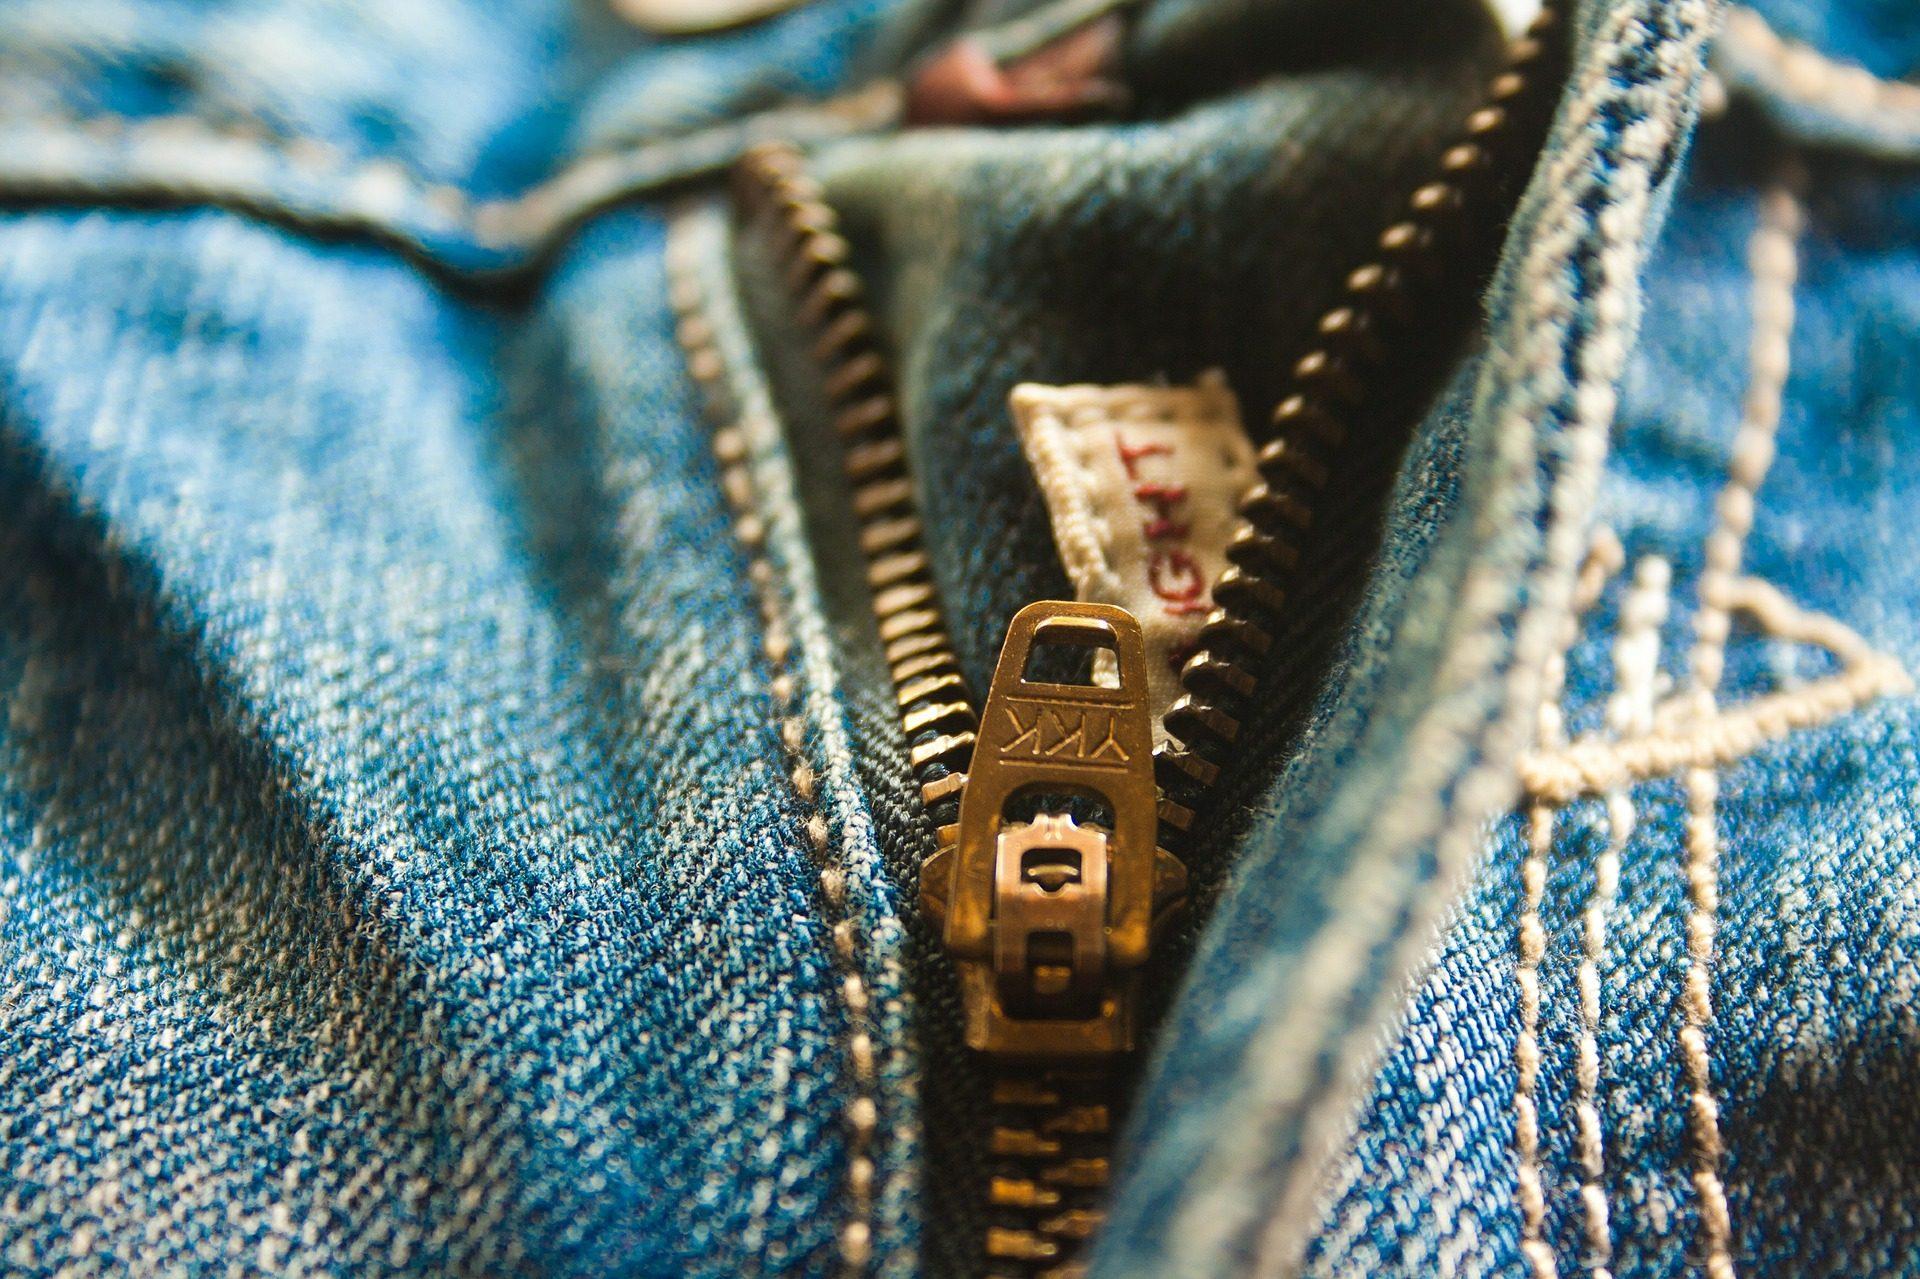 Jeans/Pantalons, Cow-Boy, fermeture à glissière, fermeture, Jeans - Fonds d'écran HD - Professor-falken.com